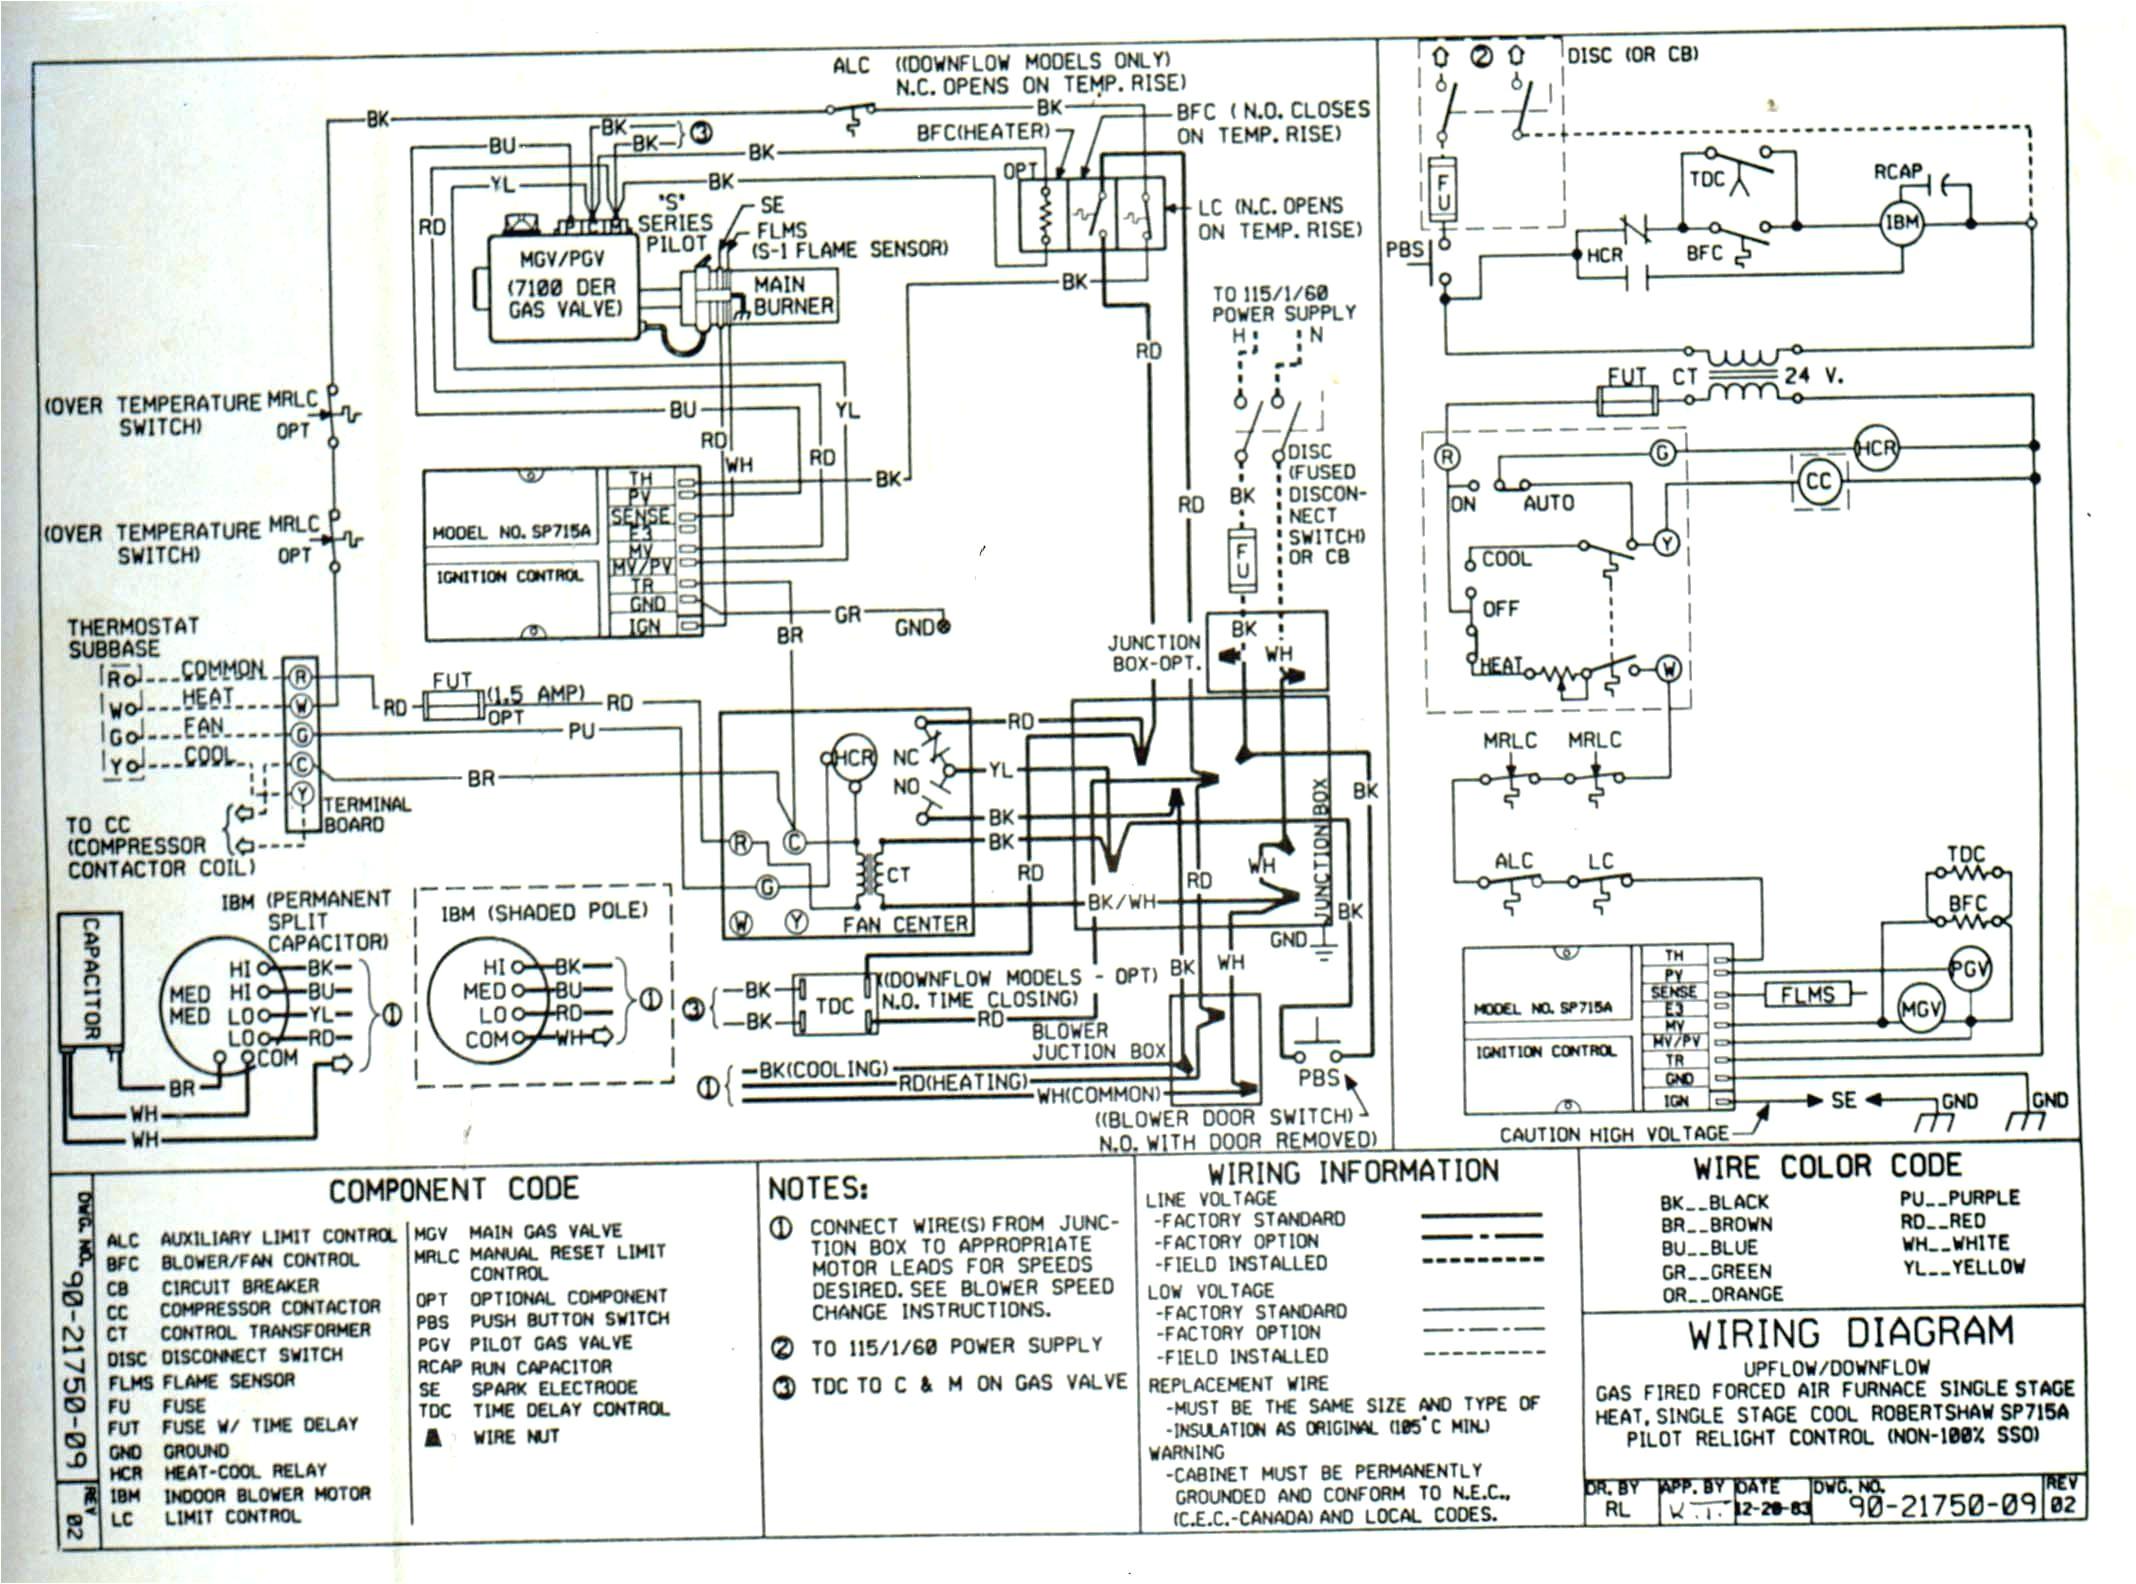 Hvac Wiring Diagrams 101 Train Hvac Wiring Diagrams Wiring Diagram